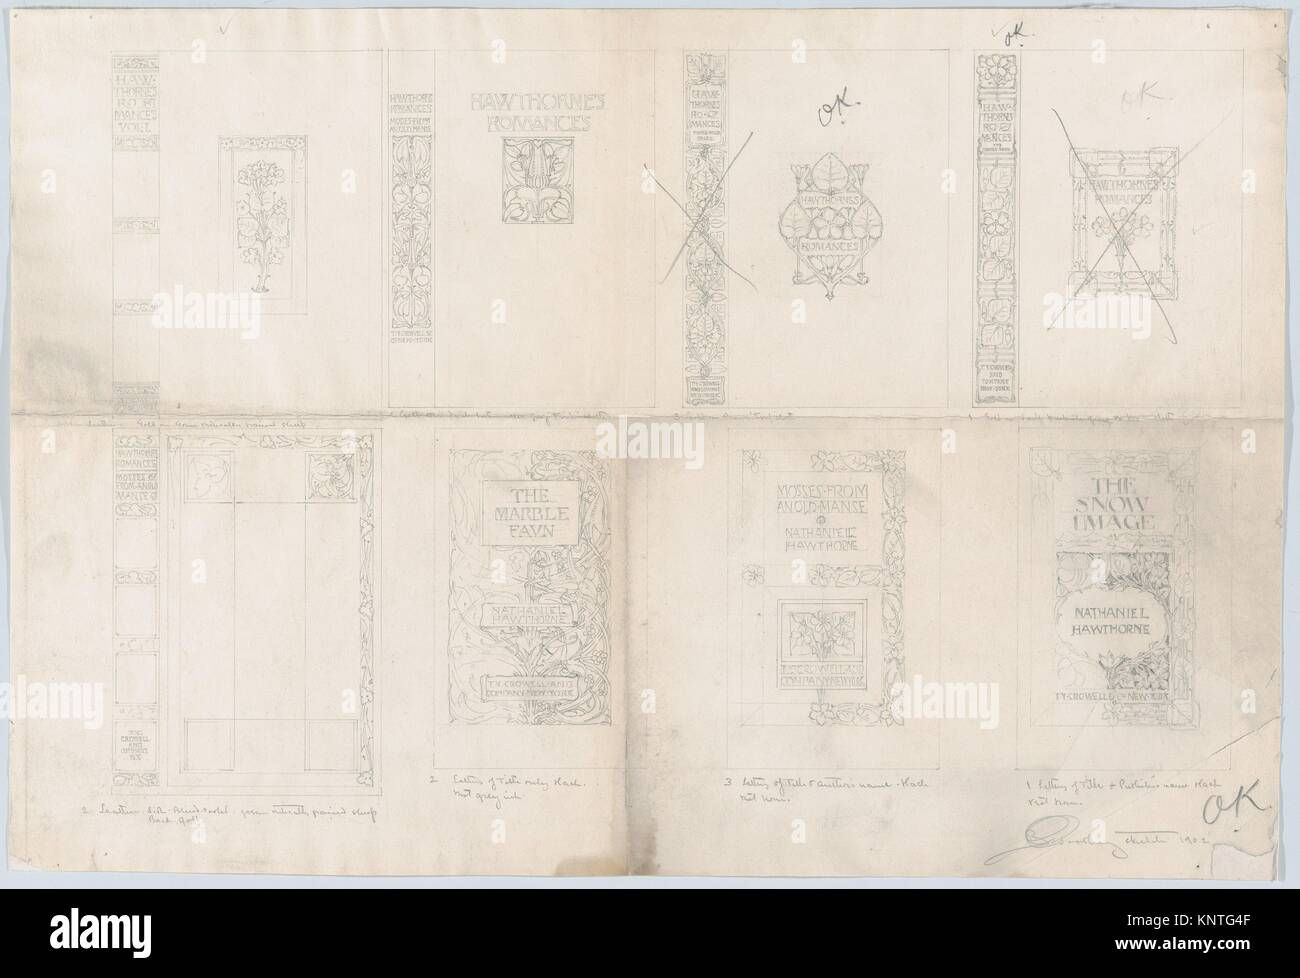 Habillages de romances, d'Hawthorne est publié par Thomas Y. Crowell. Artiste: Bertram Goodhue (Américain, Photo Stock